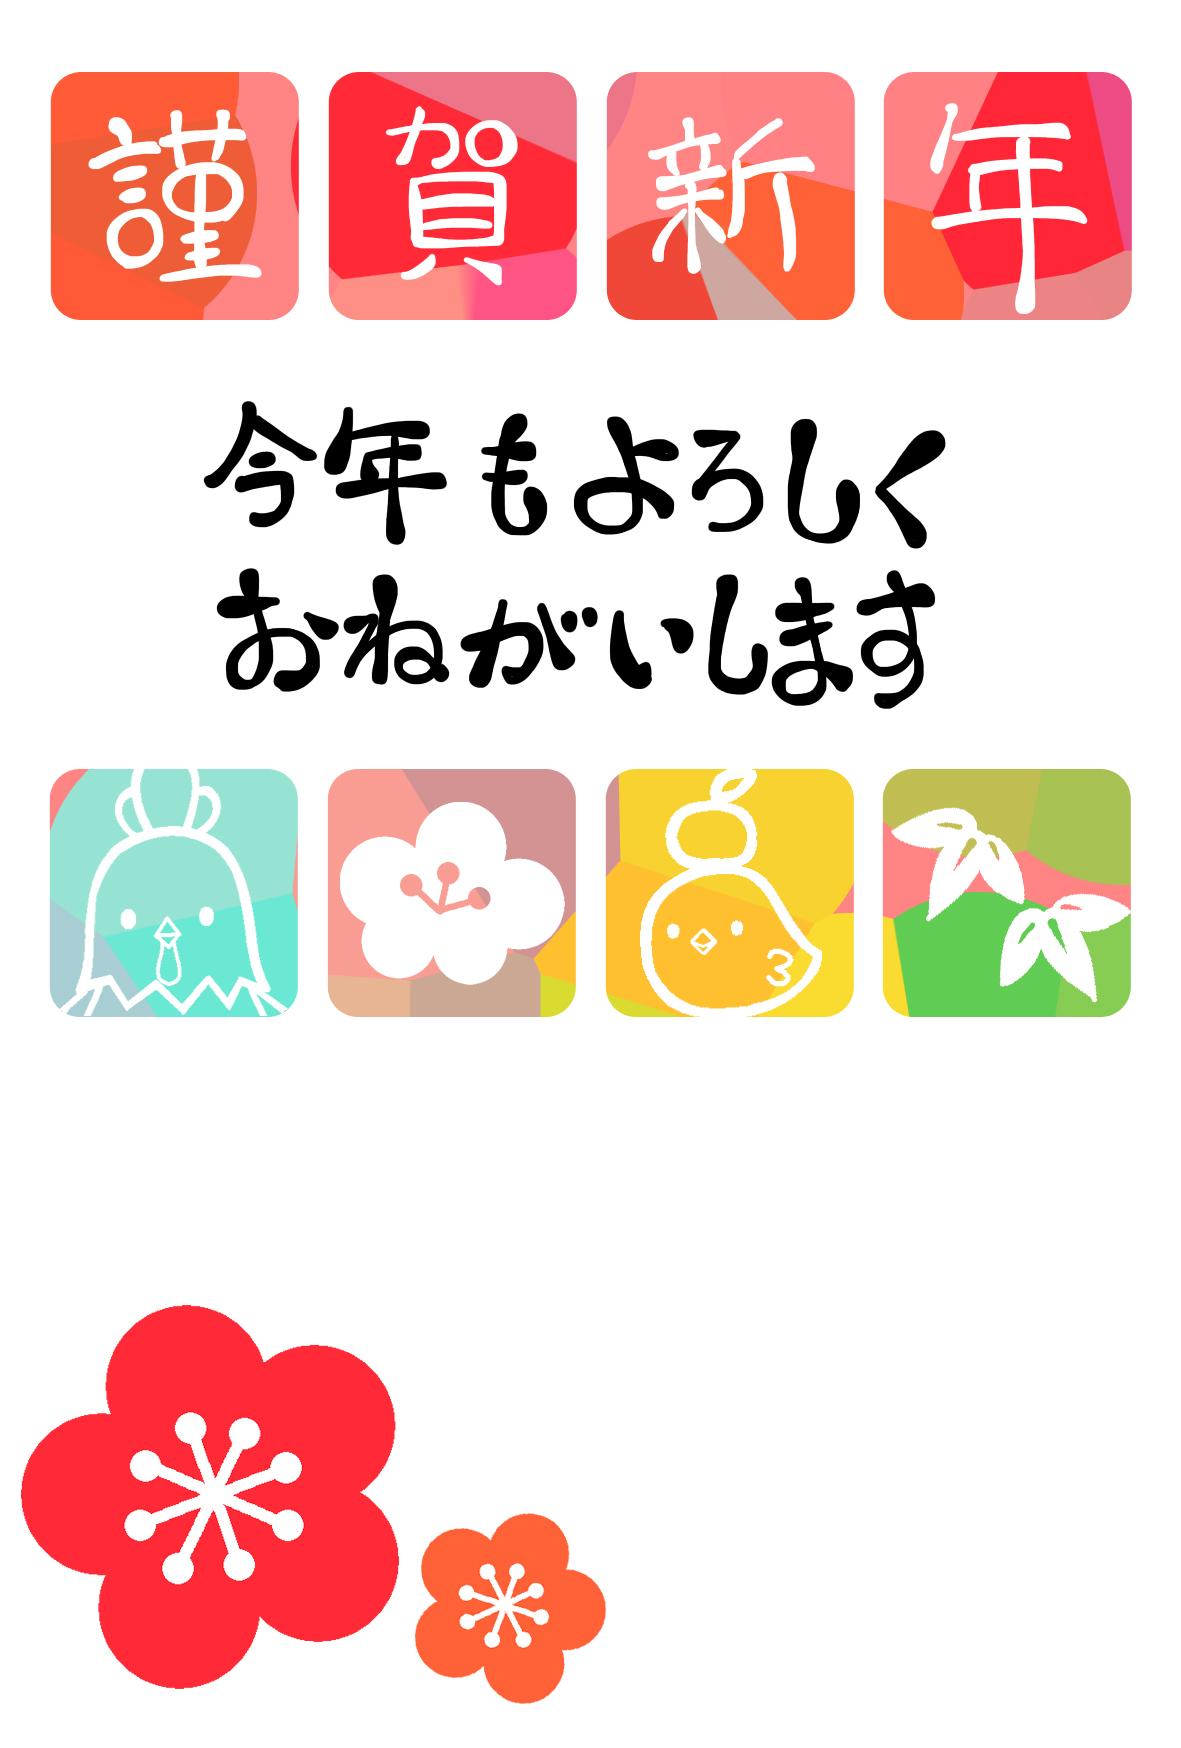 かわいいタイルデザイン酉年無料年賀状